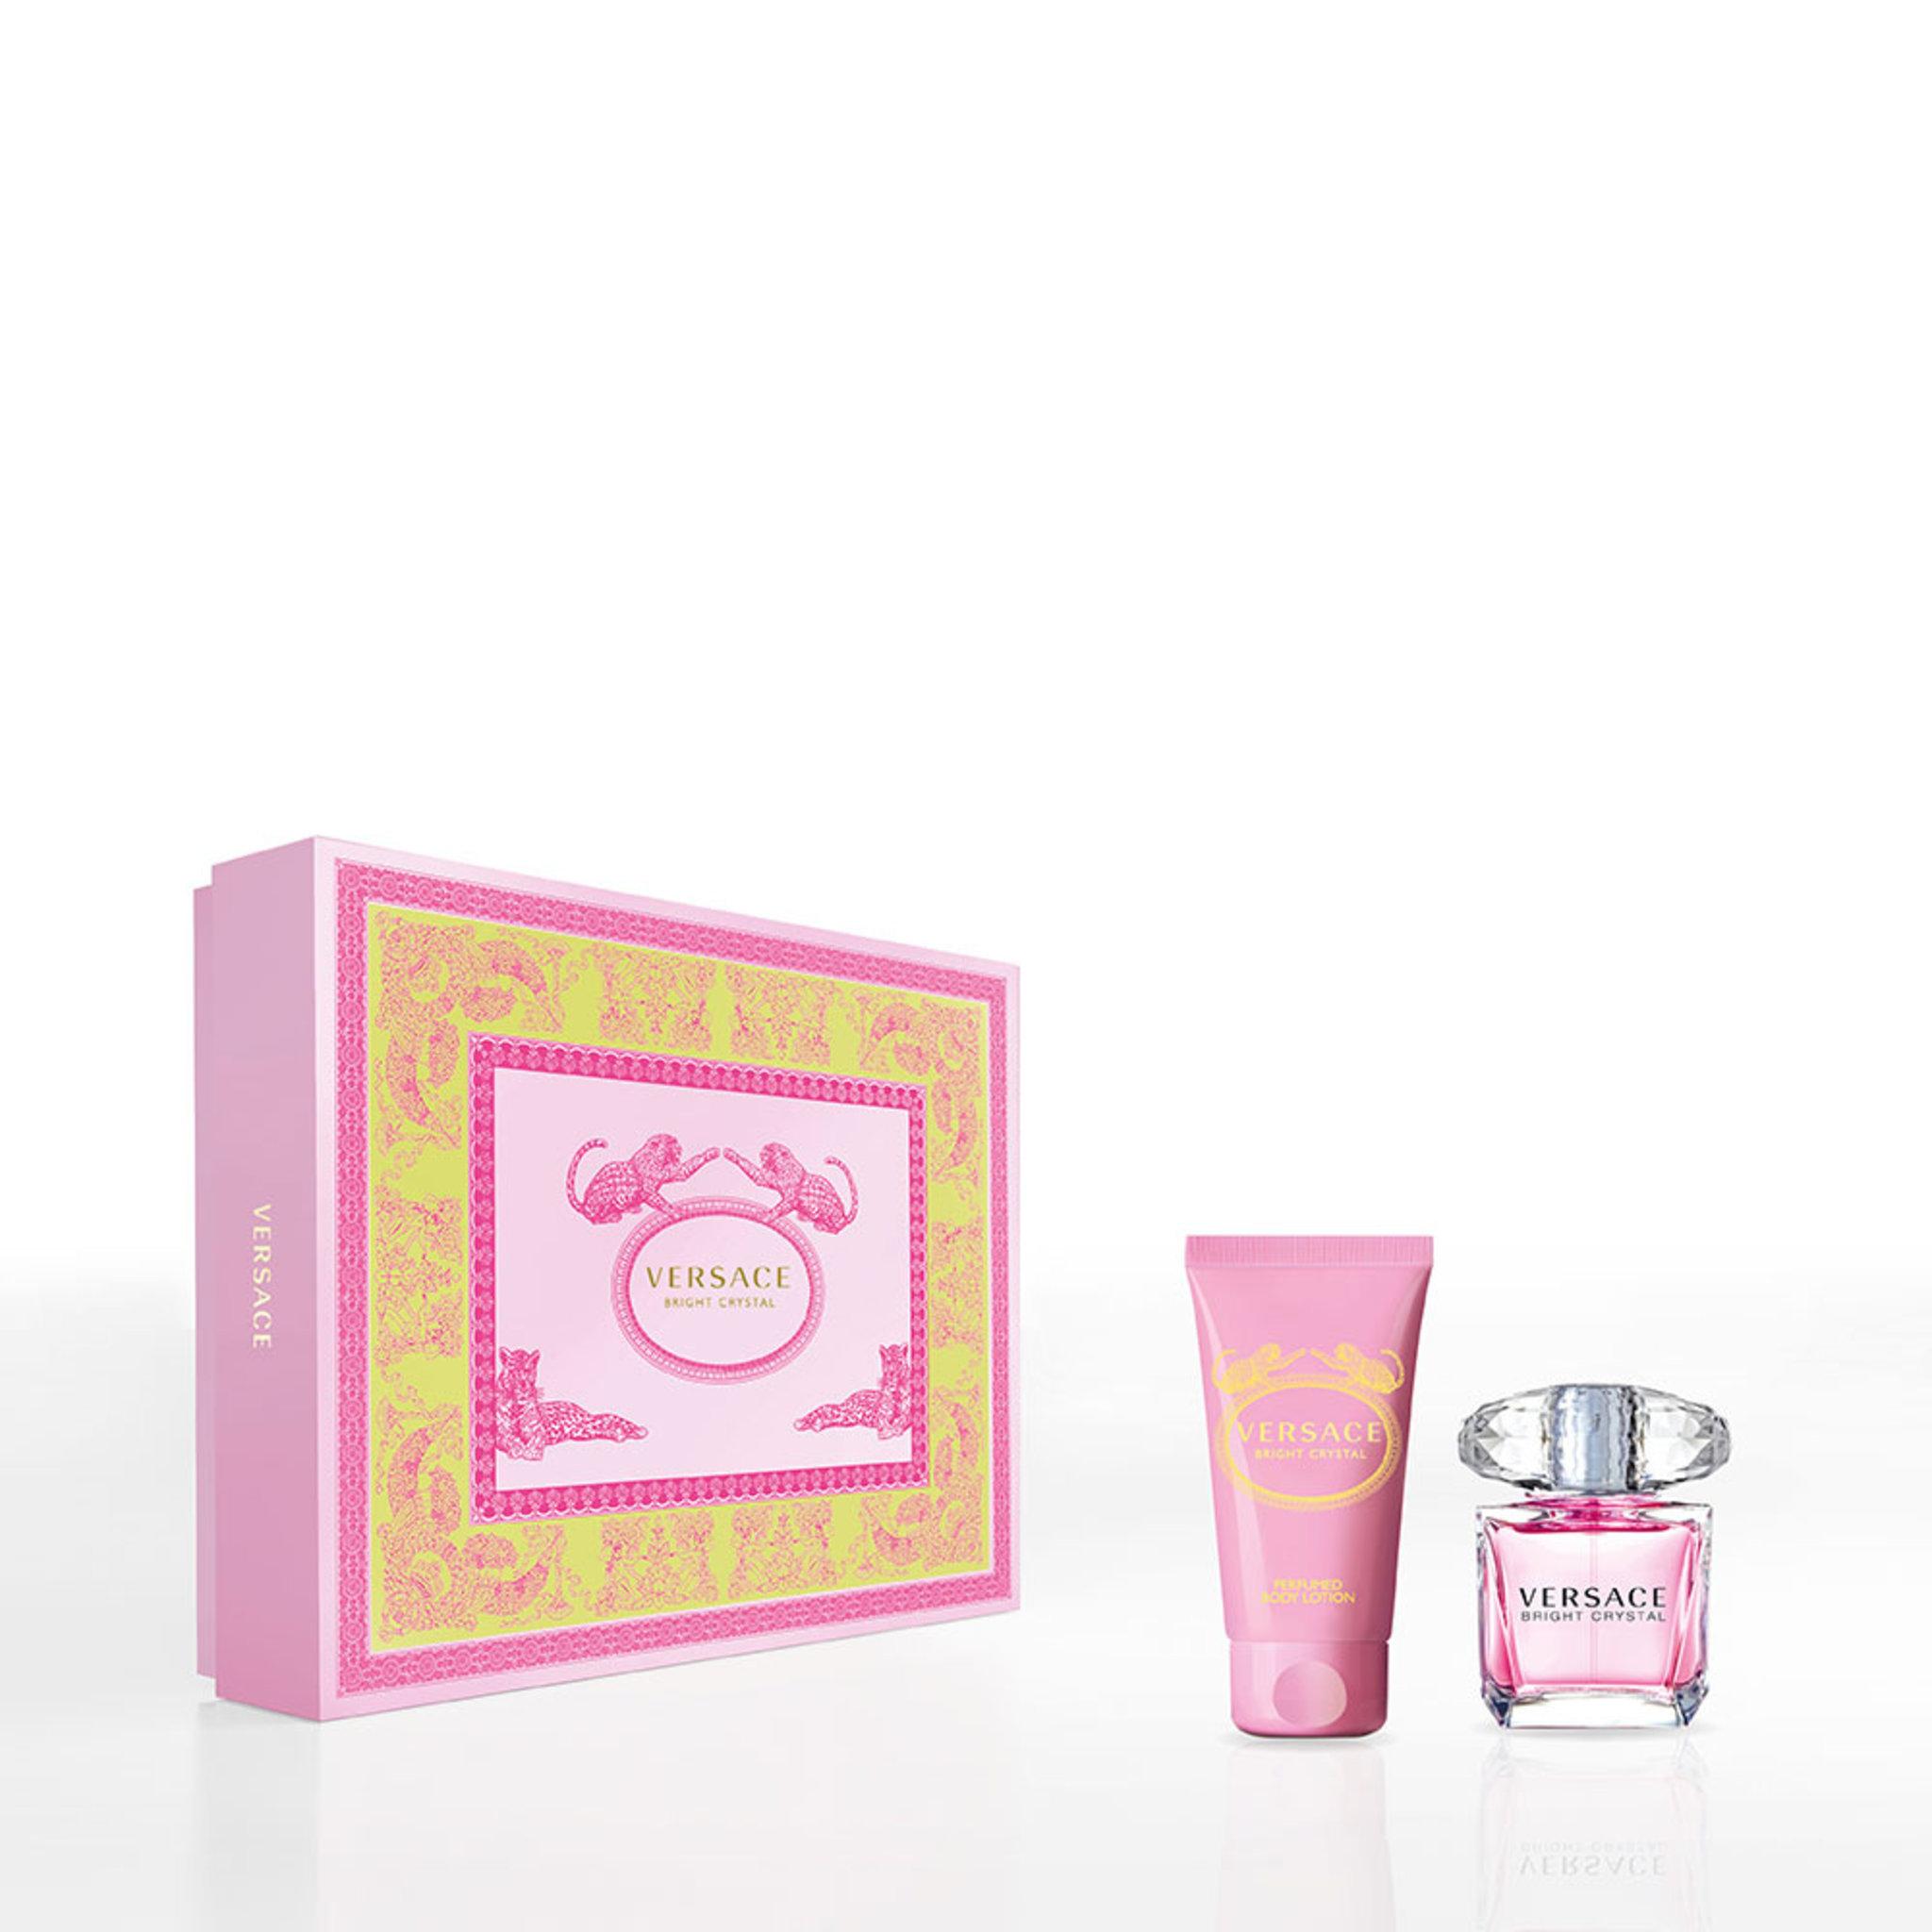 Bright Crystal EdT Parfym & EdT Köp online på åhlens.se!